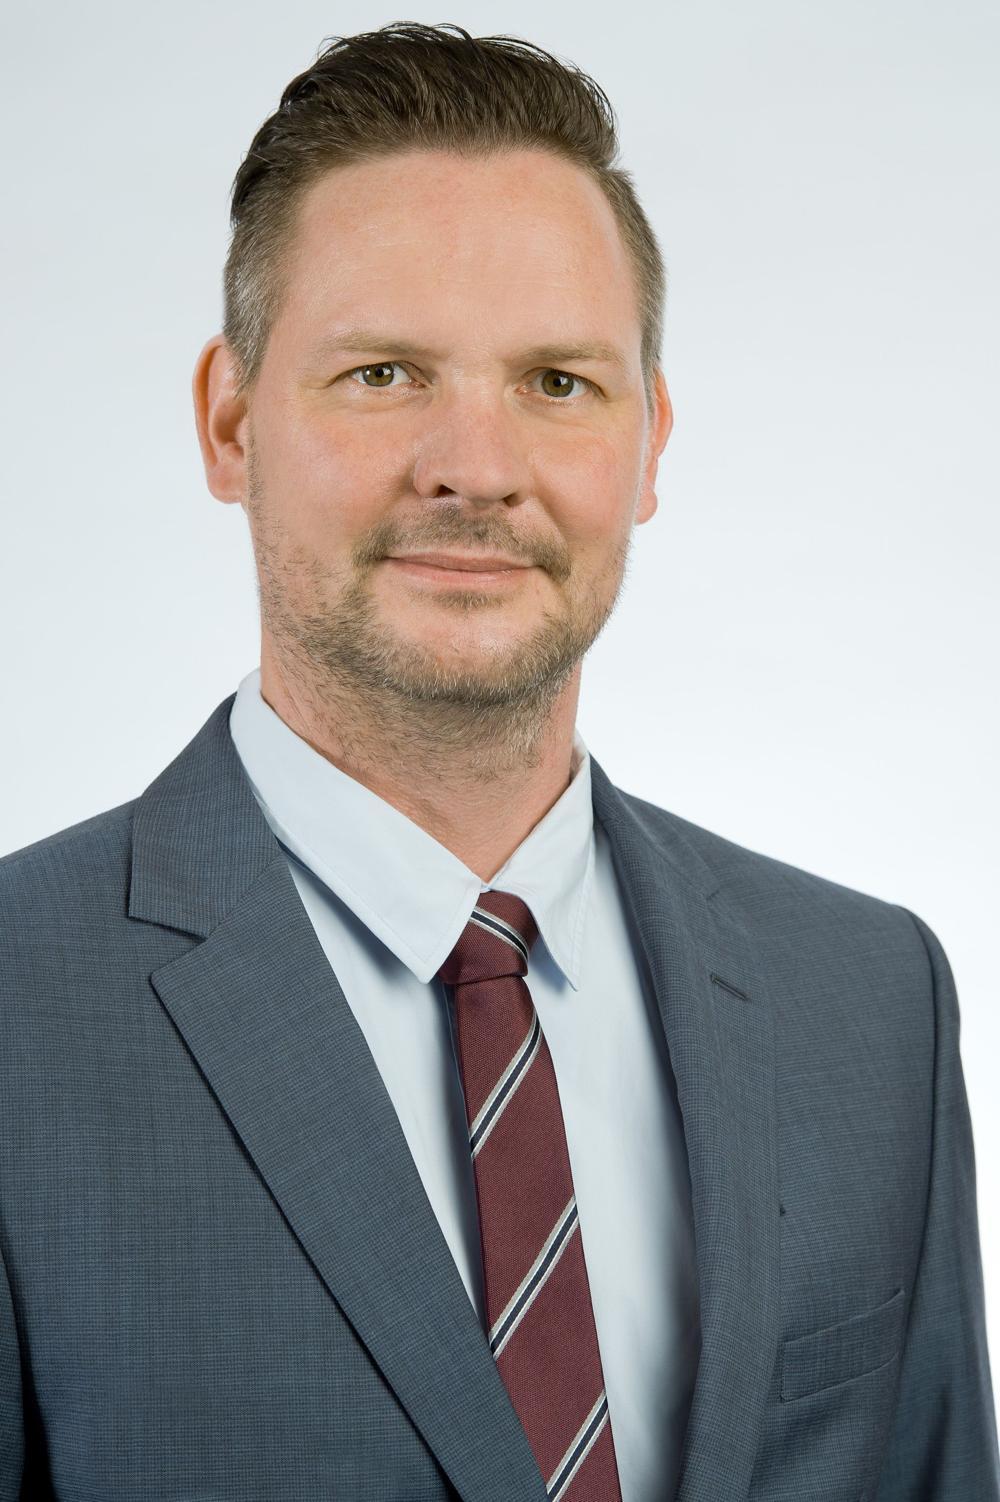 René Claus, Business Development Manager MSP von ESET. Abbildung: ESET